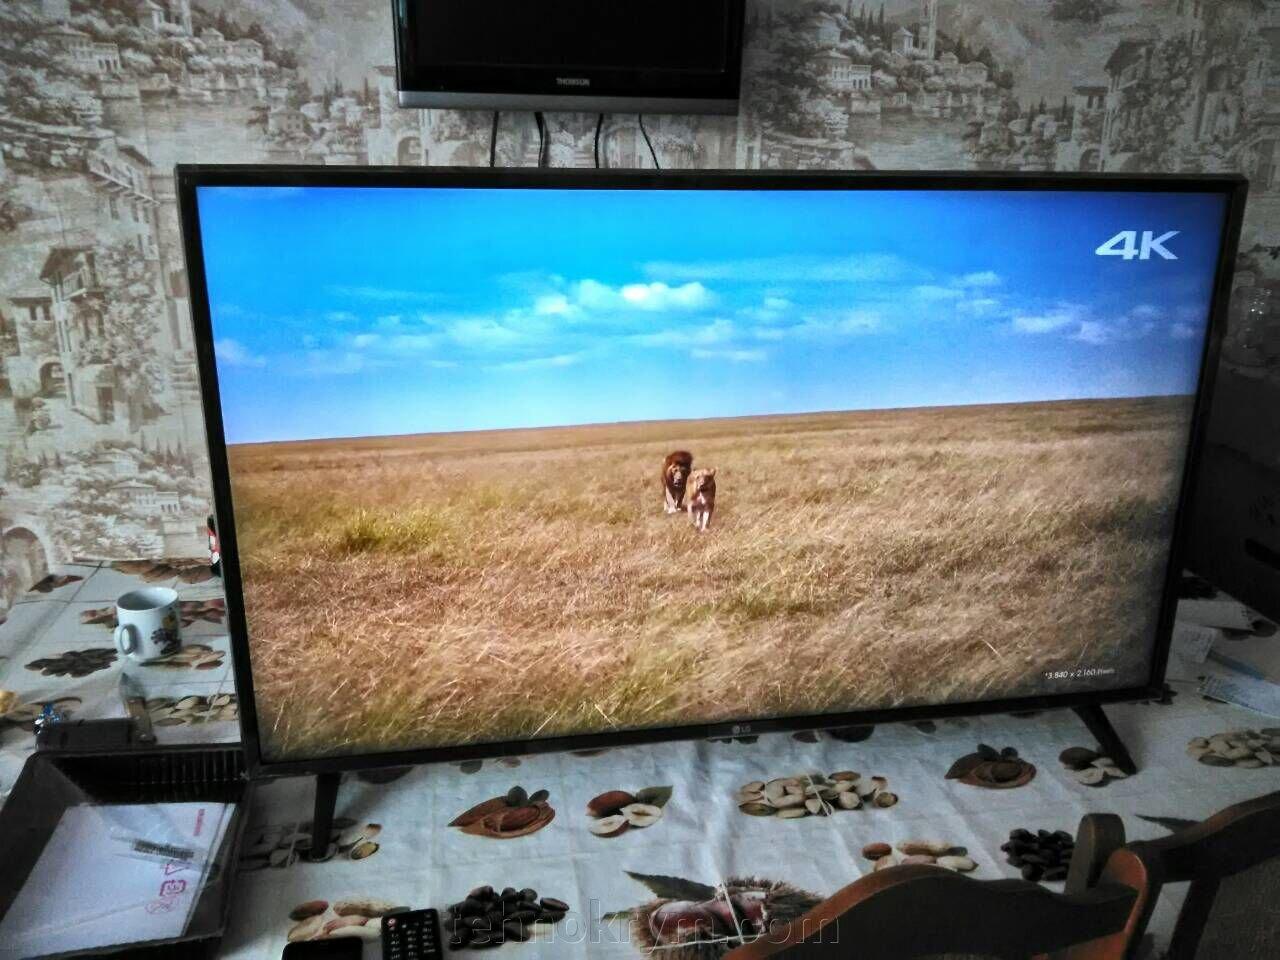 Доставка телевизора LG 43UJ630V в Зую. - фото LG 43UJ630V